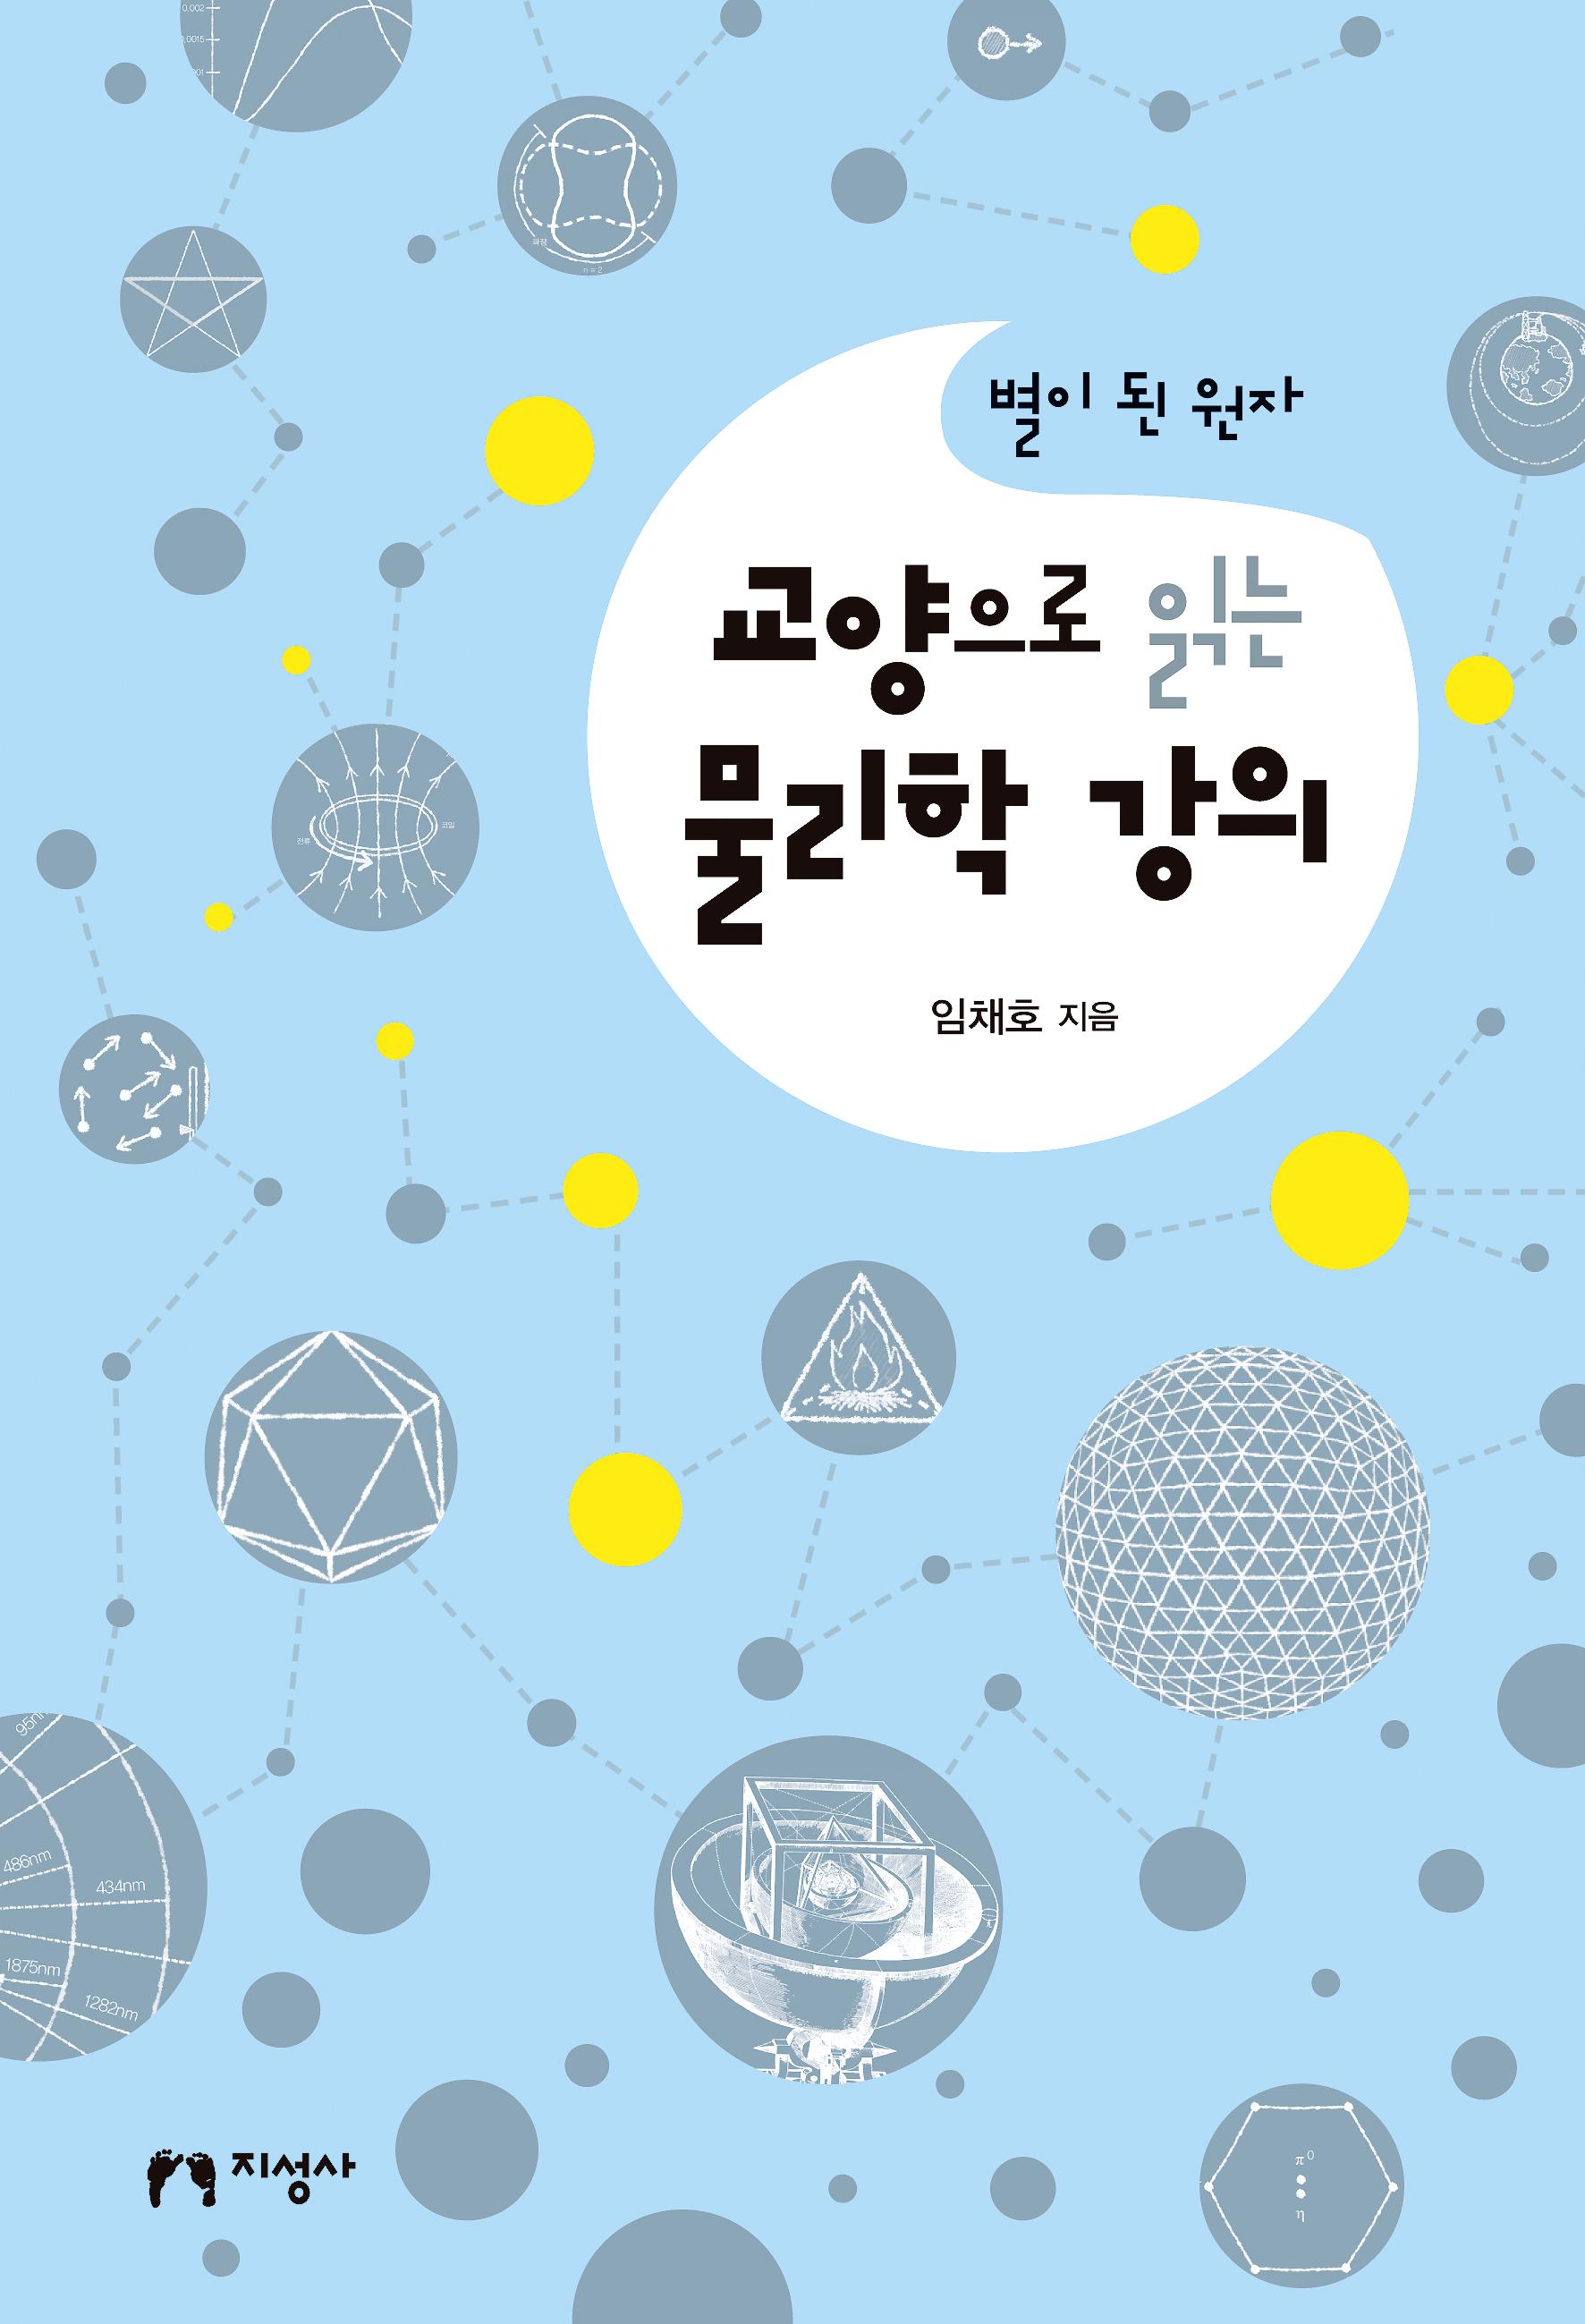 교양으로 읽는 물리학 강의.별이 된 원자